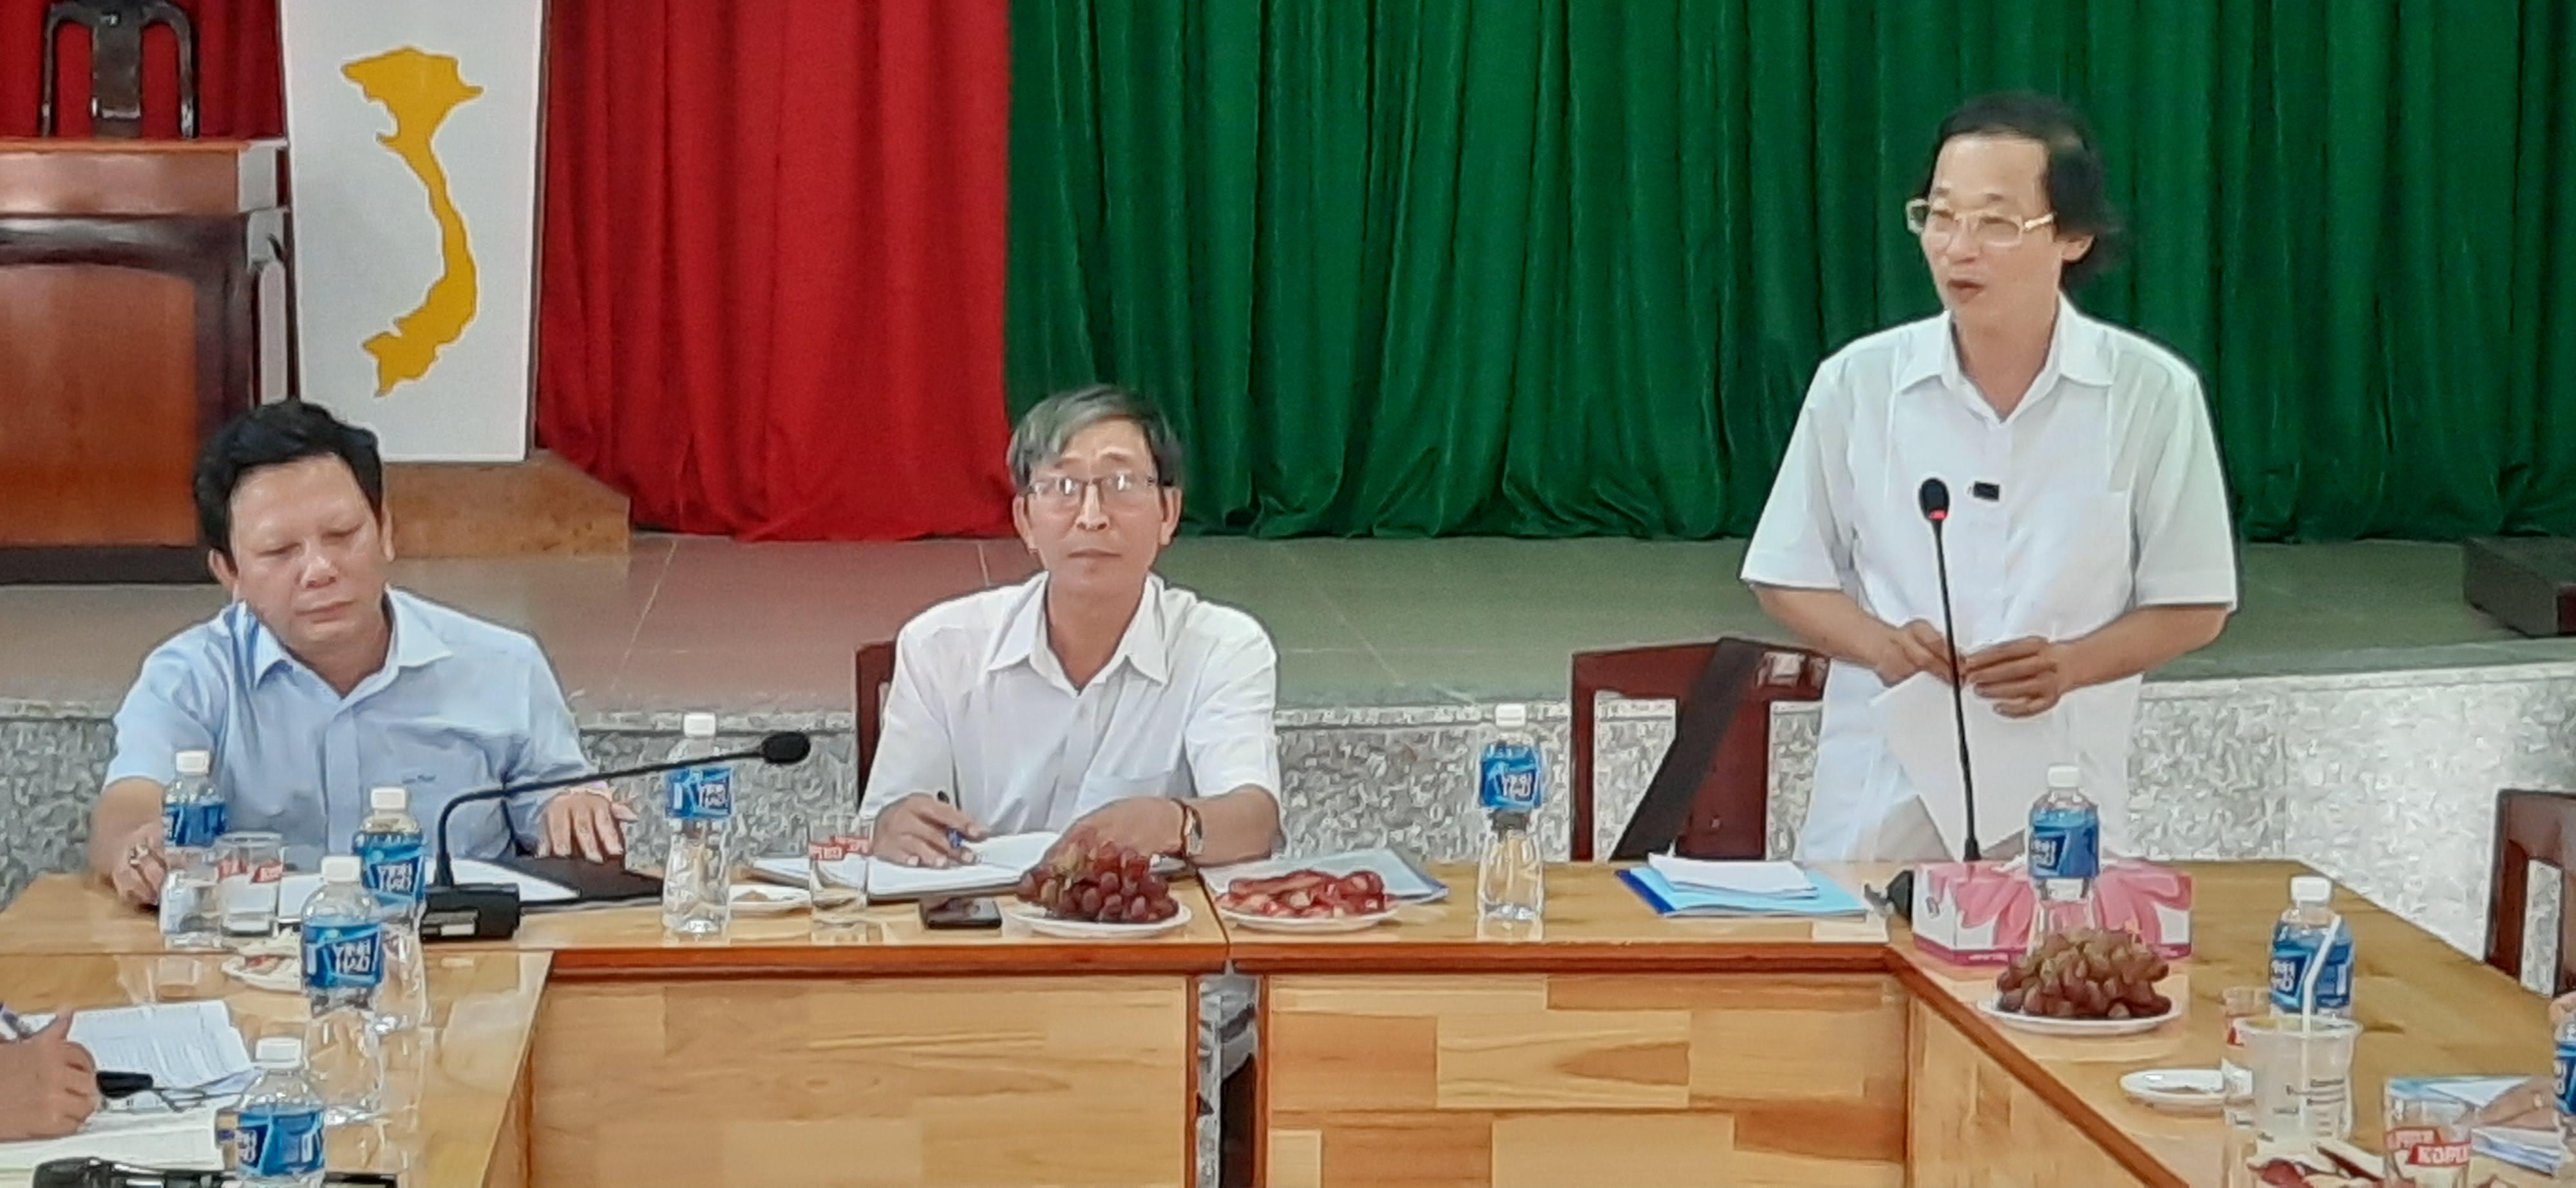 Kiểm tra công tác Mặt trận năm 2020 tại huyện Xuân Lộc và thành phố Long Khánh